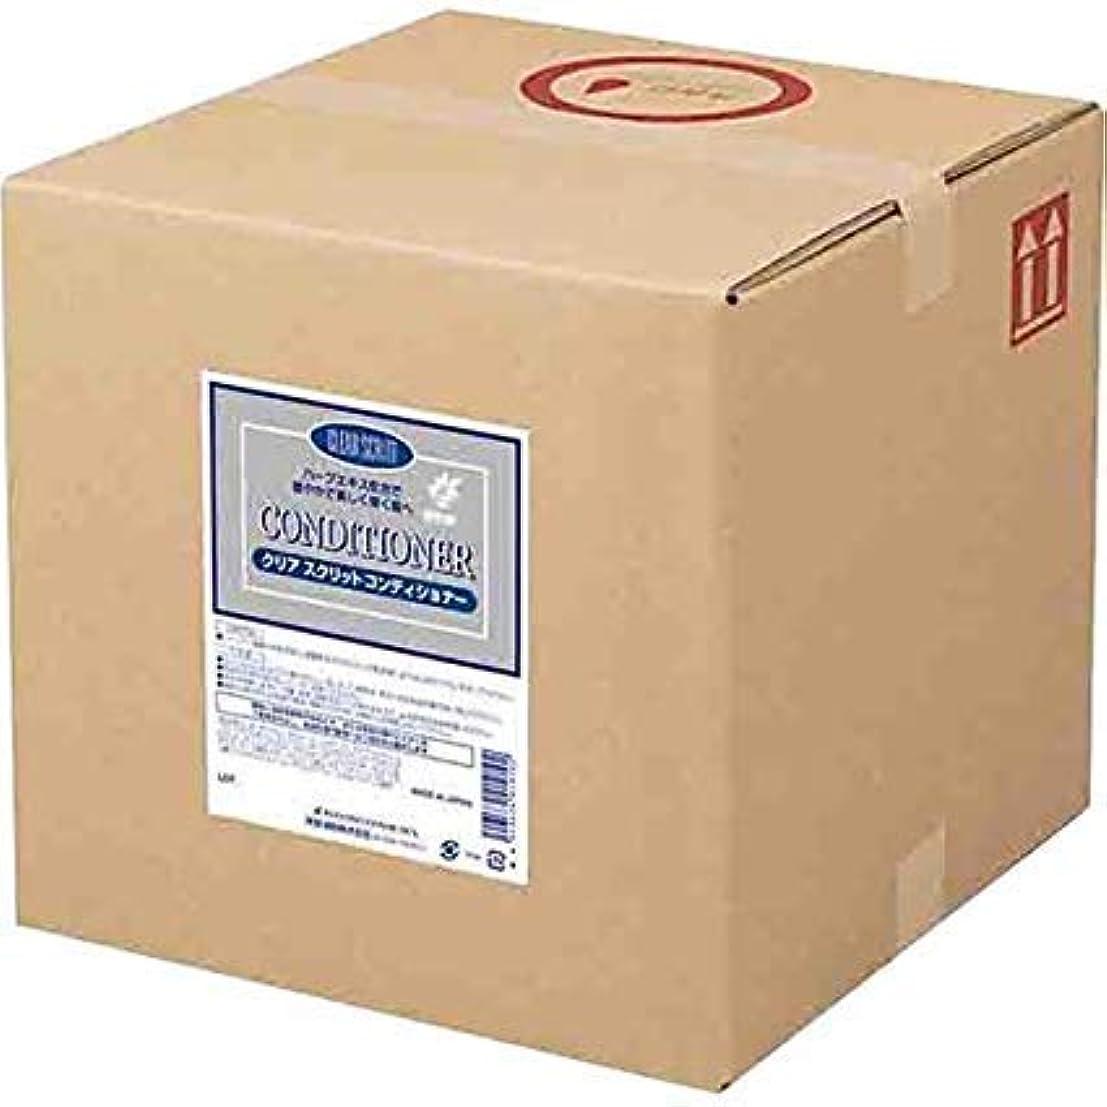 リーズ海外で素晴らしい良い多くの業務用 クリアスクリット コンディショナー 18L 熊野油脂 (コック付き)